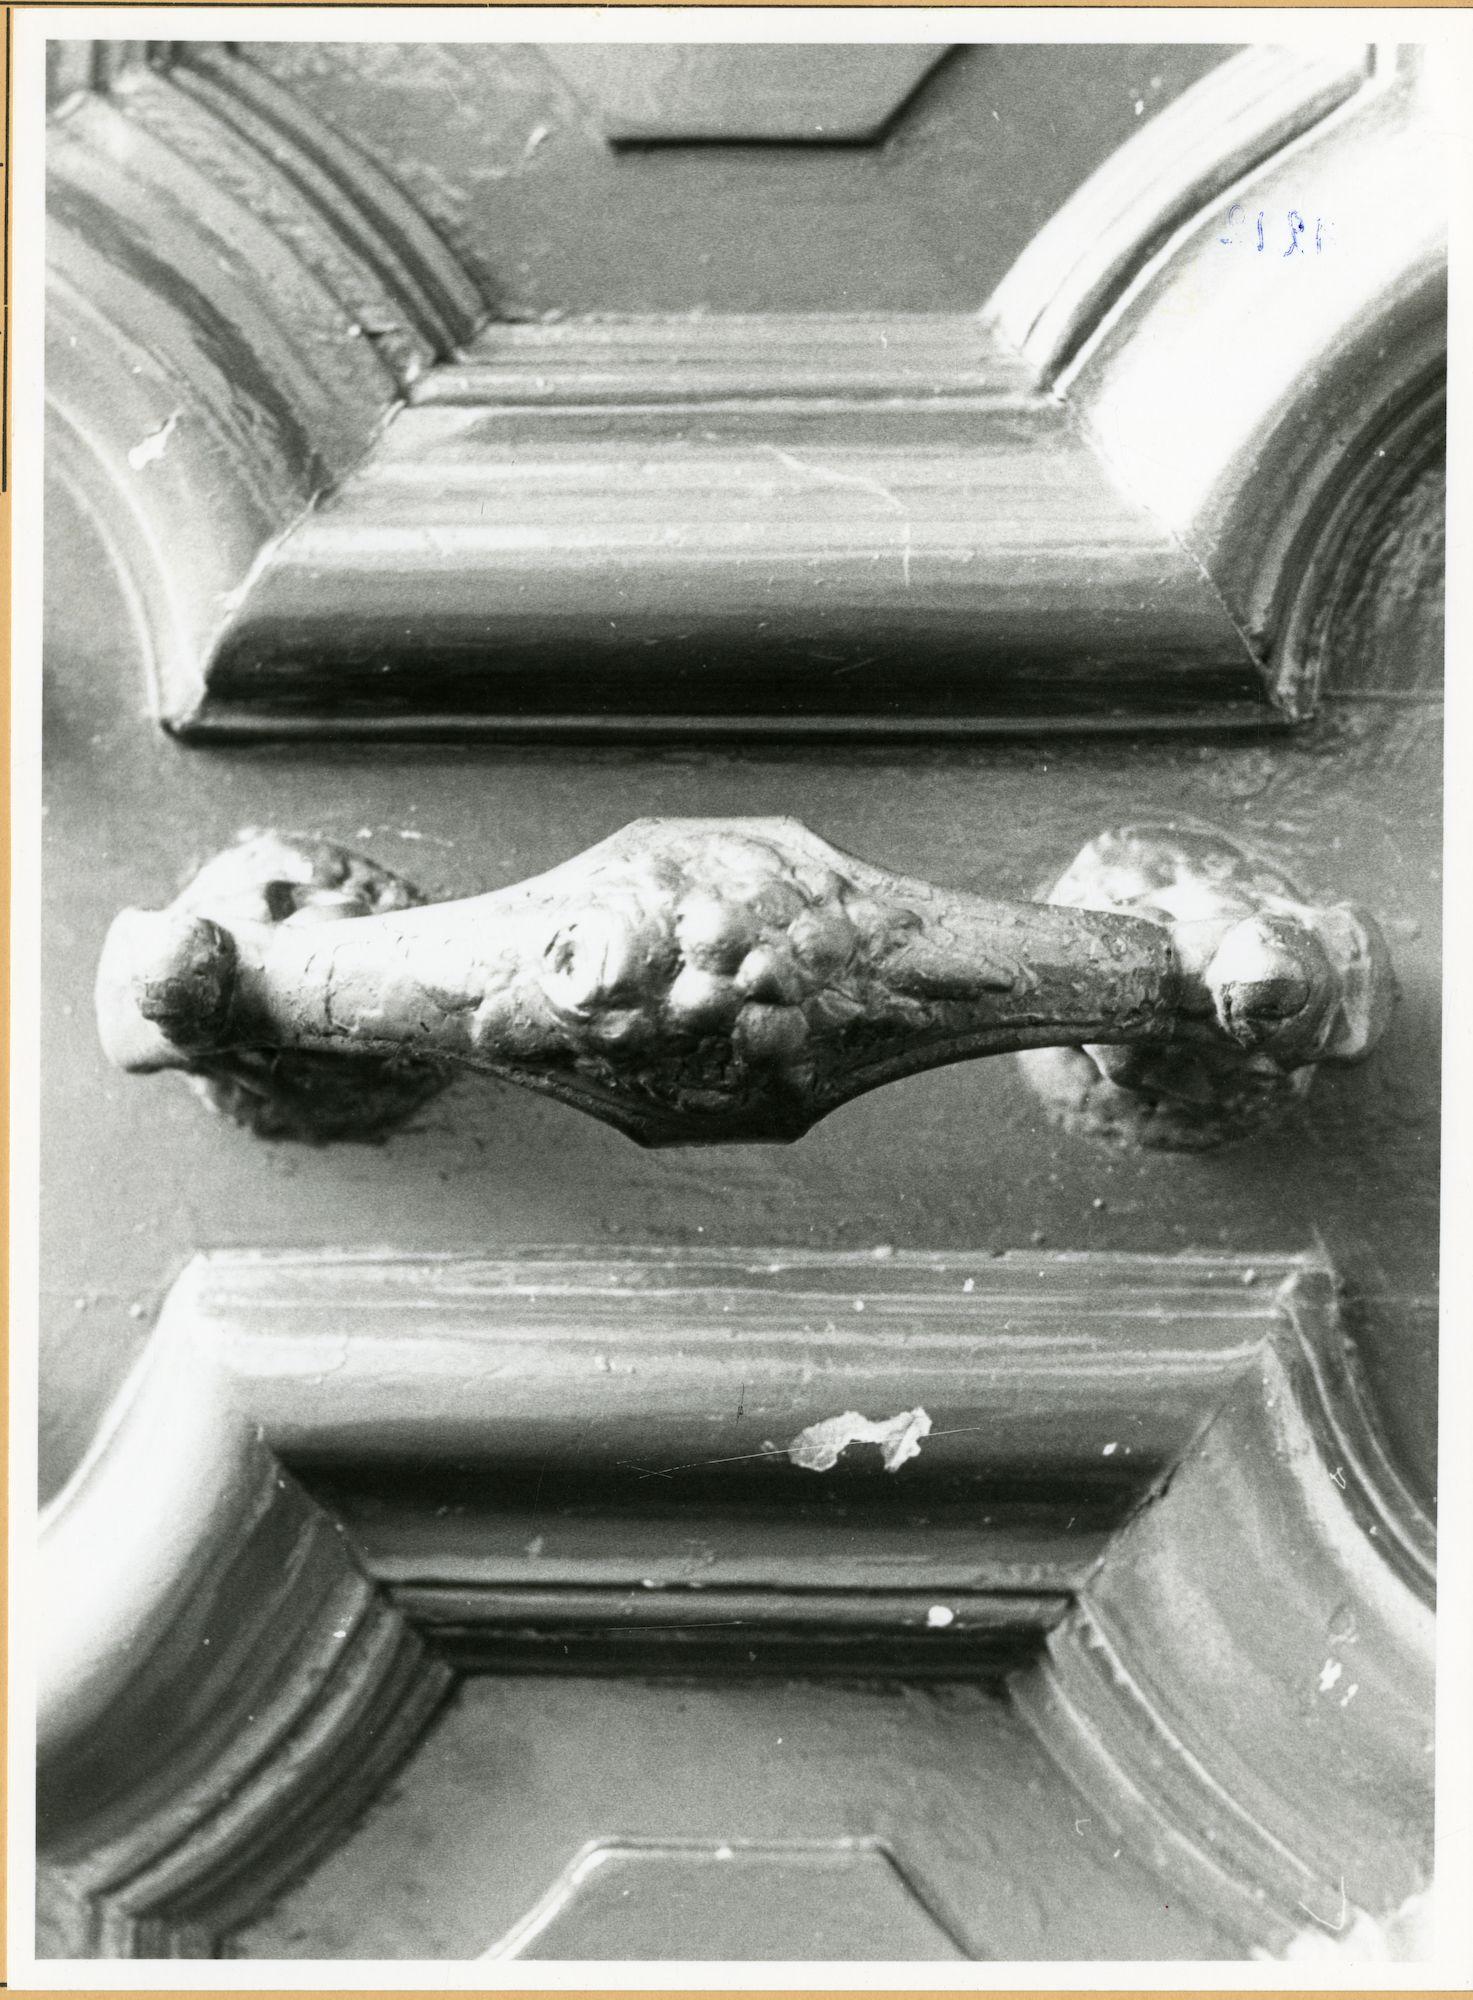 Gent: Hoogstraat 24: Deurgreep, 1979